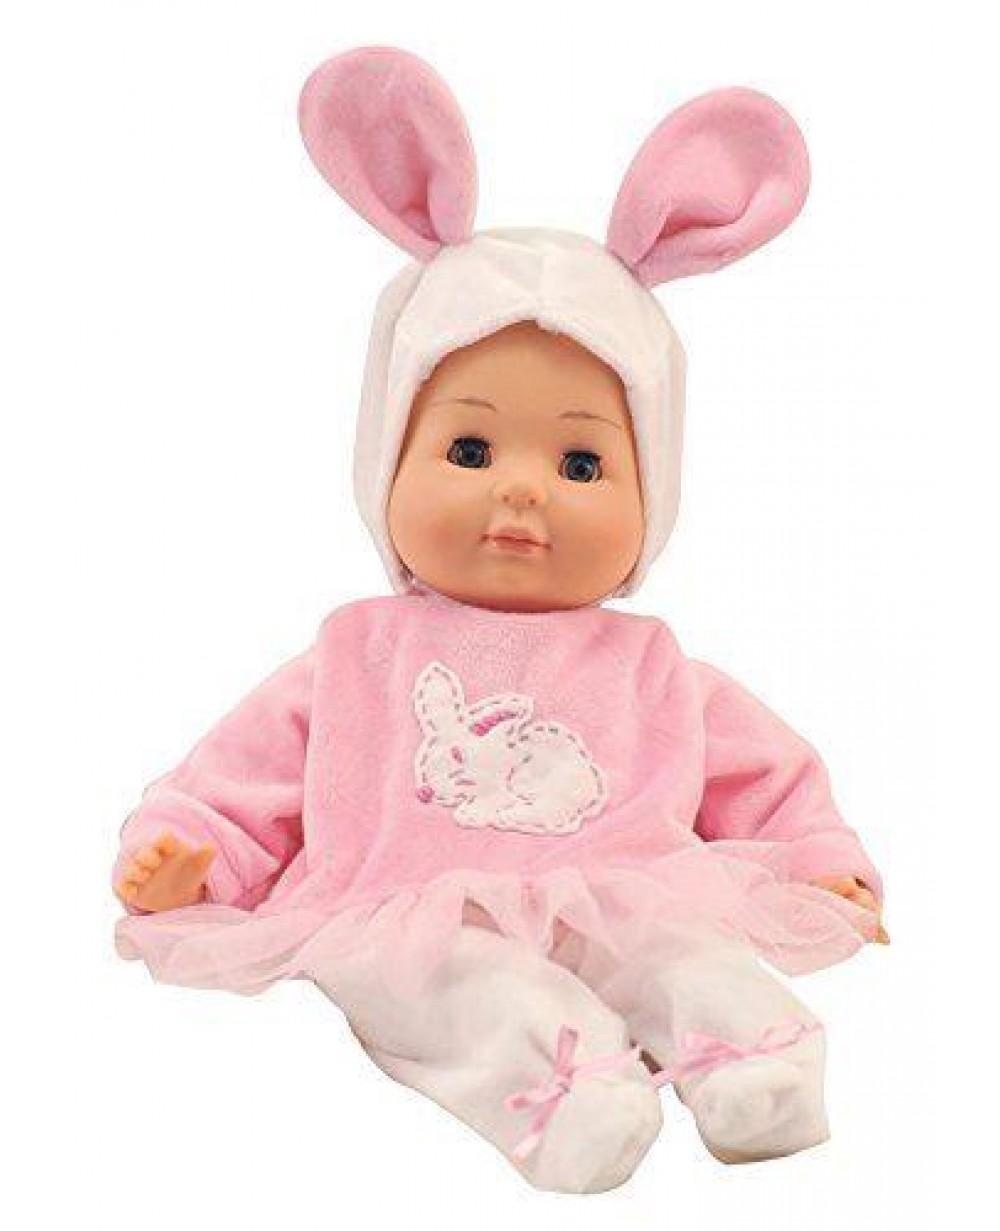 Bambola Bambolotto Rosa 36 cm con Vestito da Coniglio Giocheria